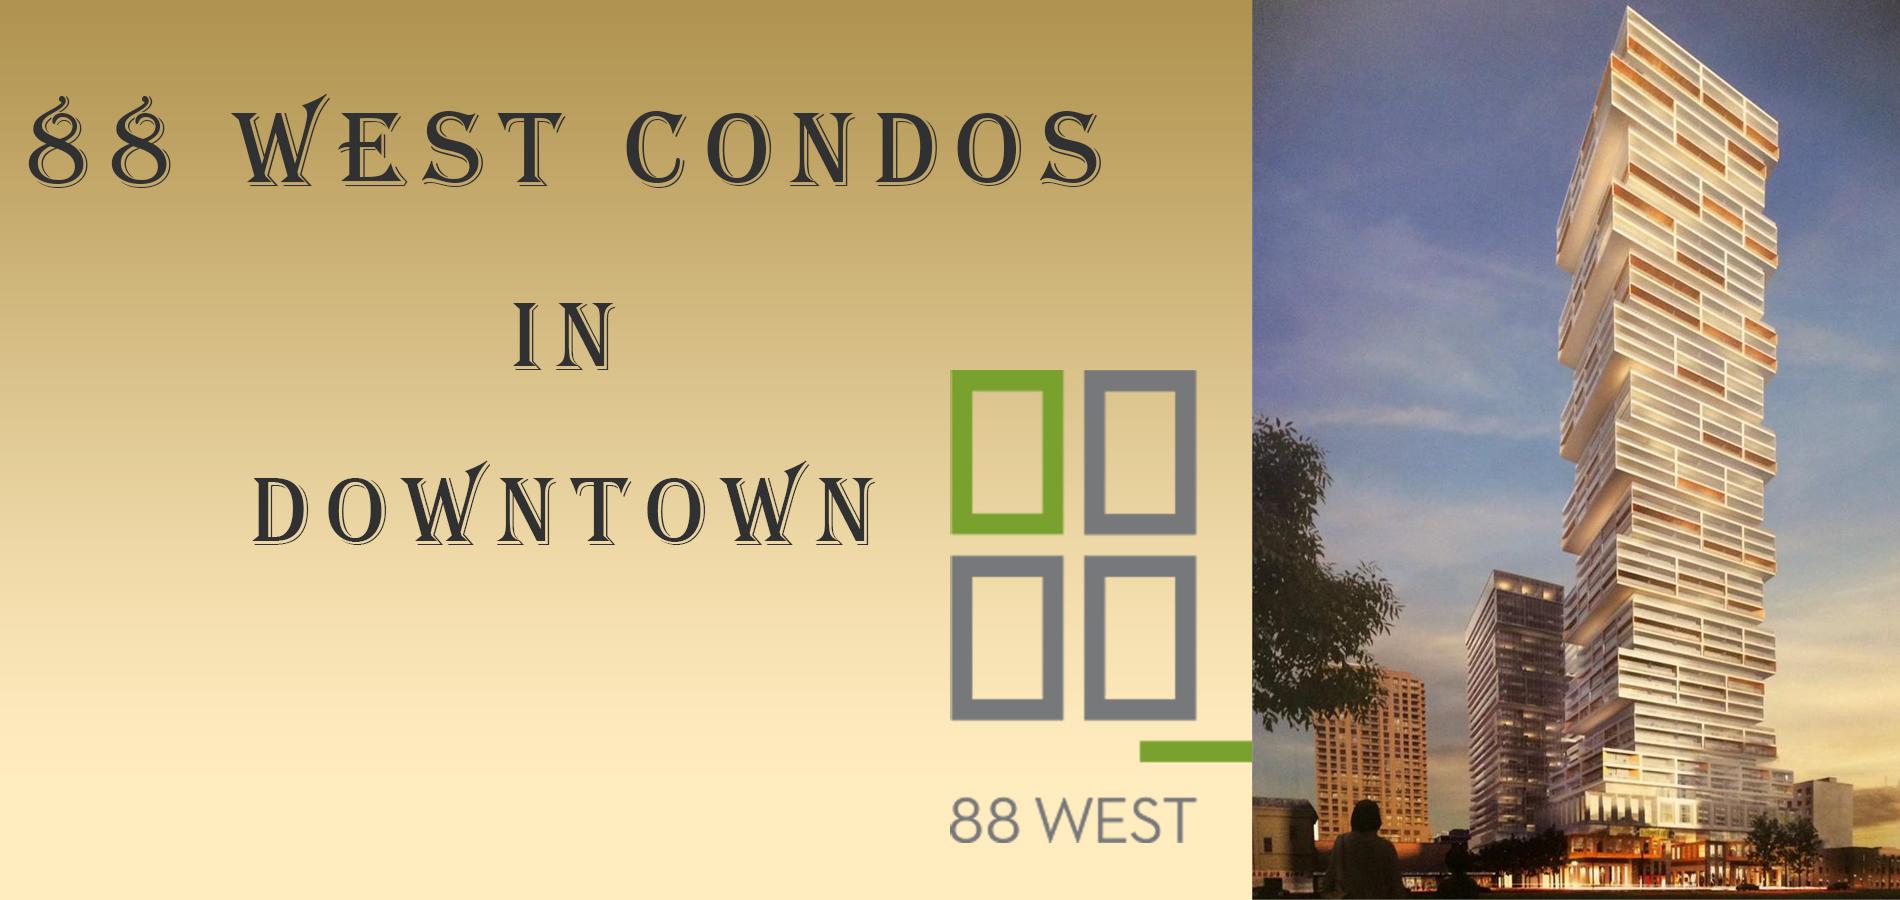 88 WEST CONDOS